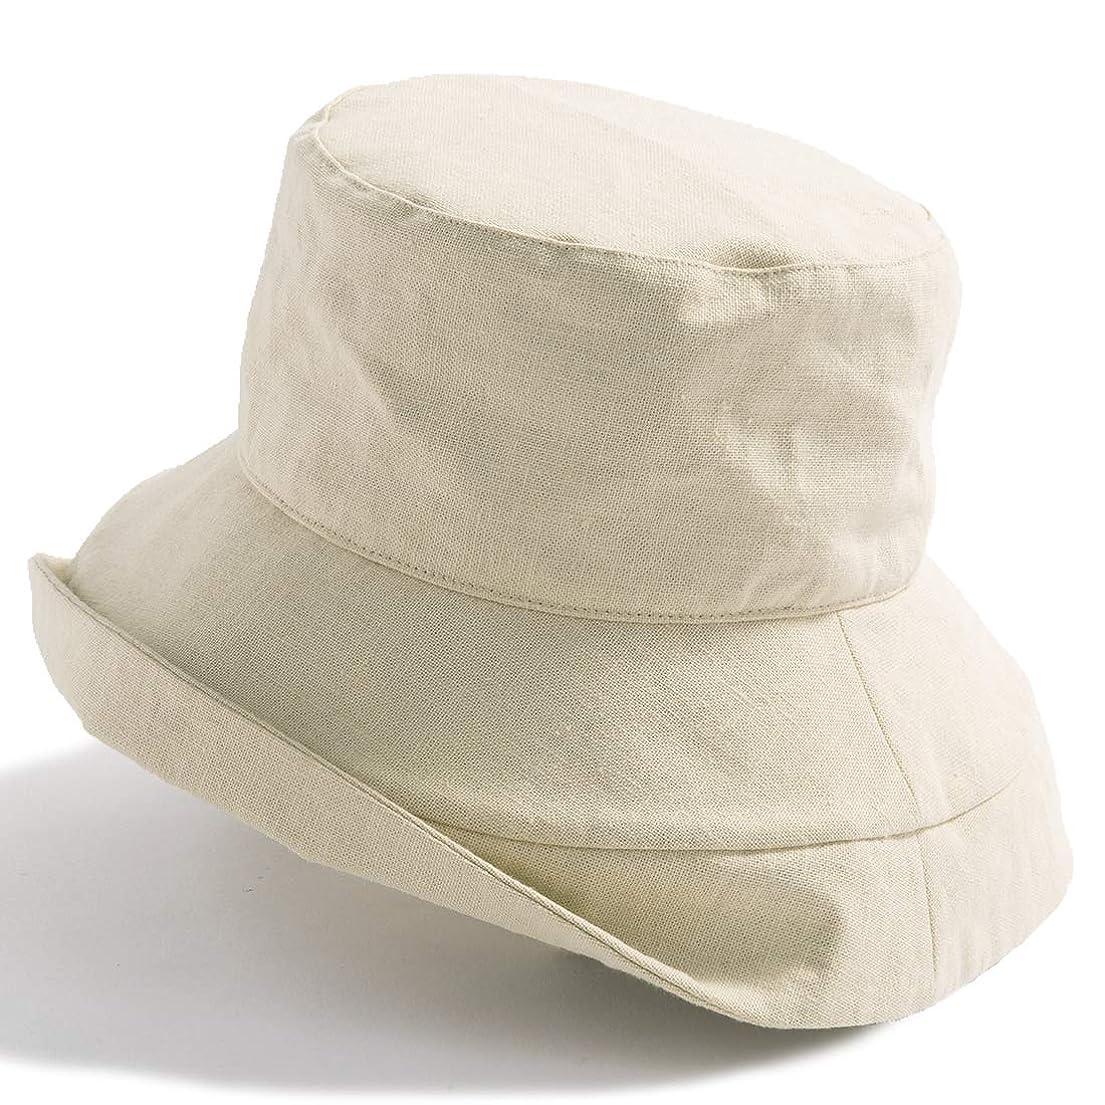 管理まとめる唯物論クイーンヘッド 小顔 UVカット 帽子 麻綿ブリムUVハット レディース ハット 大きいサイズ つば広 紫外線カット 女優帽